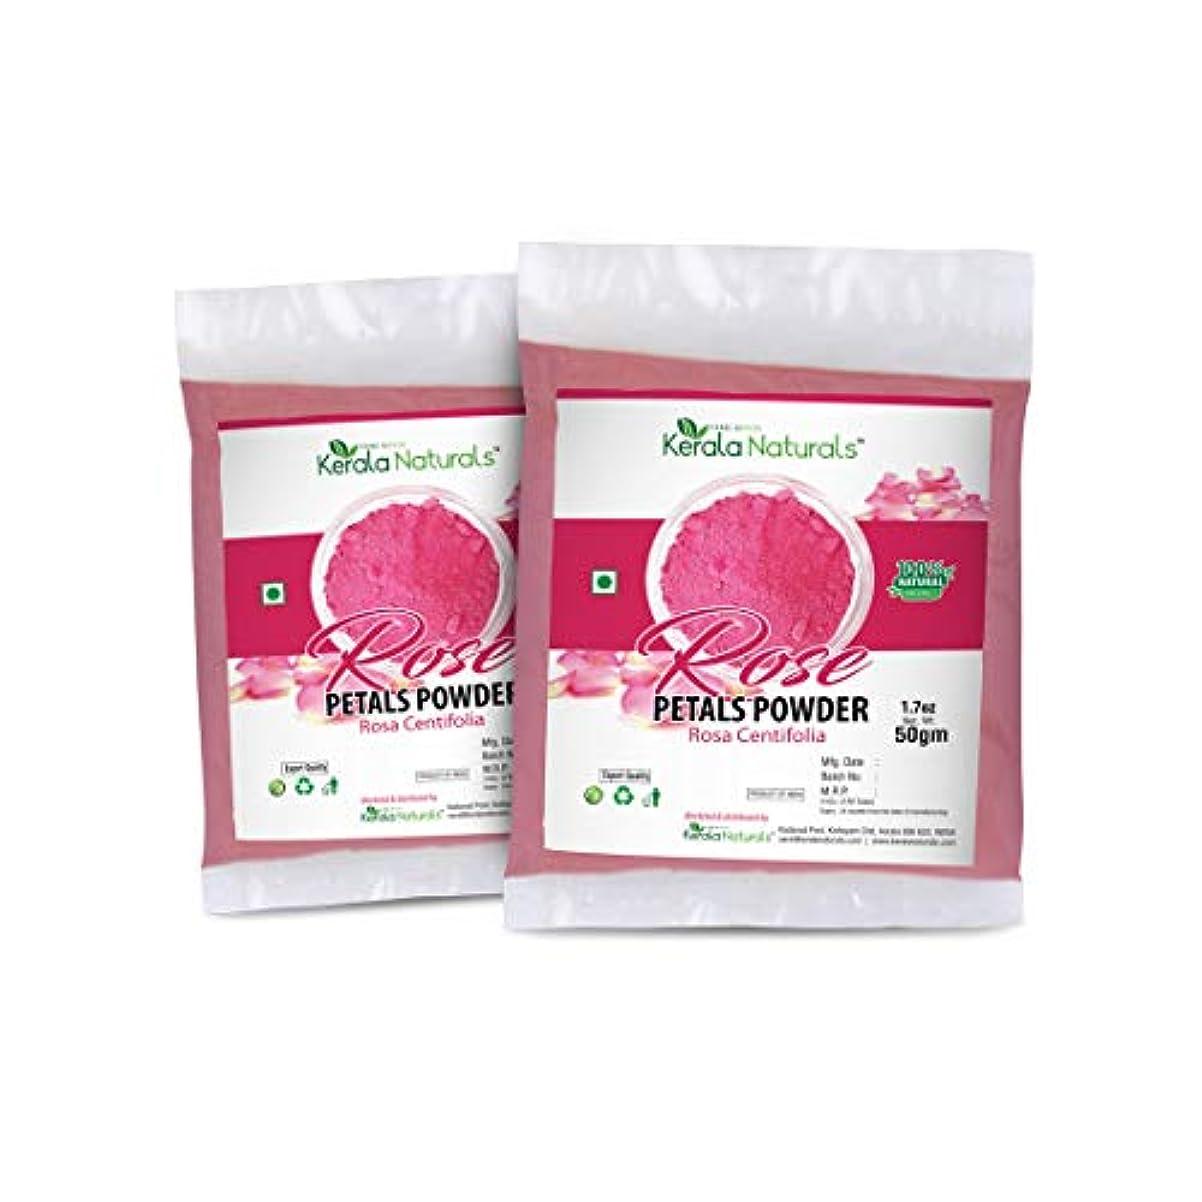 気取らない十億平和なRose Petals Powder (Rosa Centifolia) for Anti Ageing- 100gm (50gm x 2 Packs) - Rejuvenating and Moisturising Face...